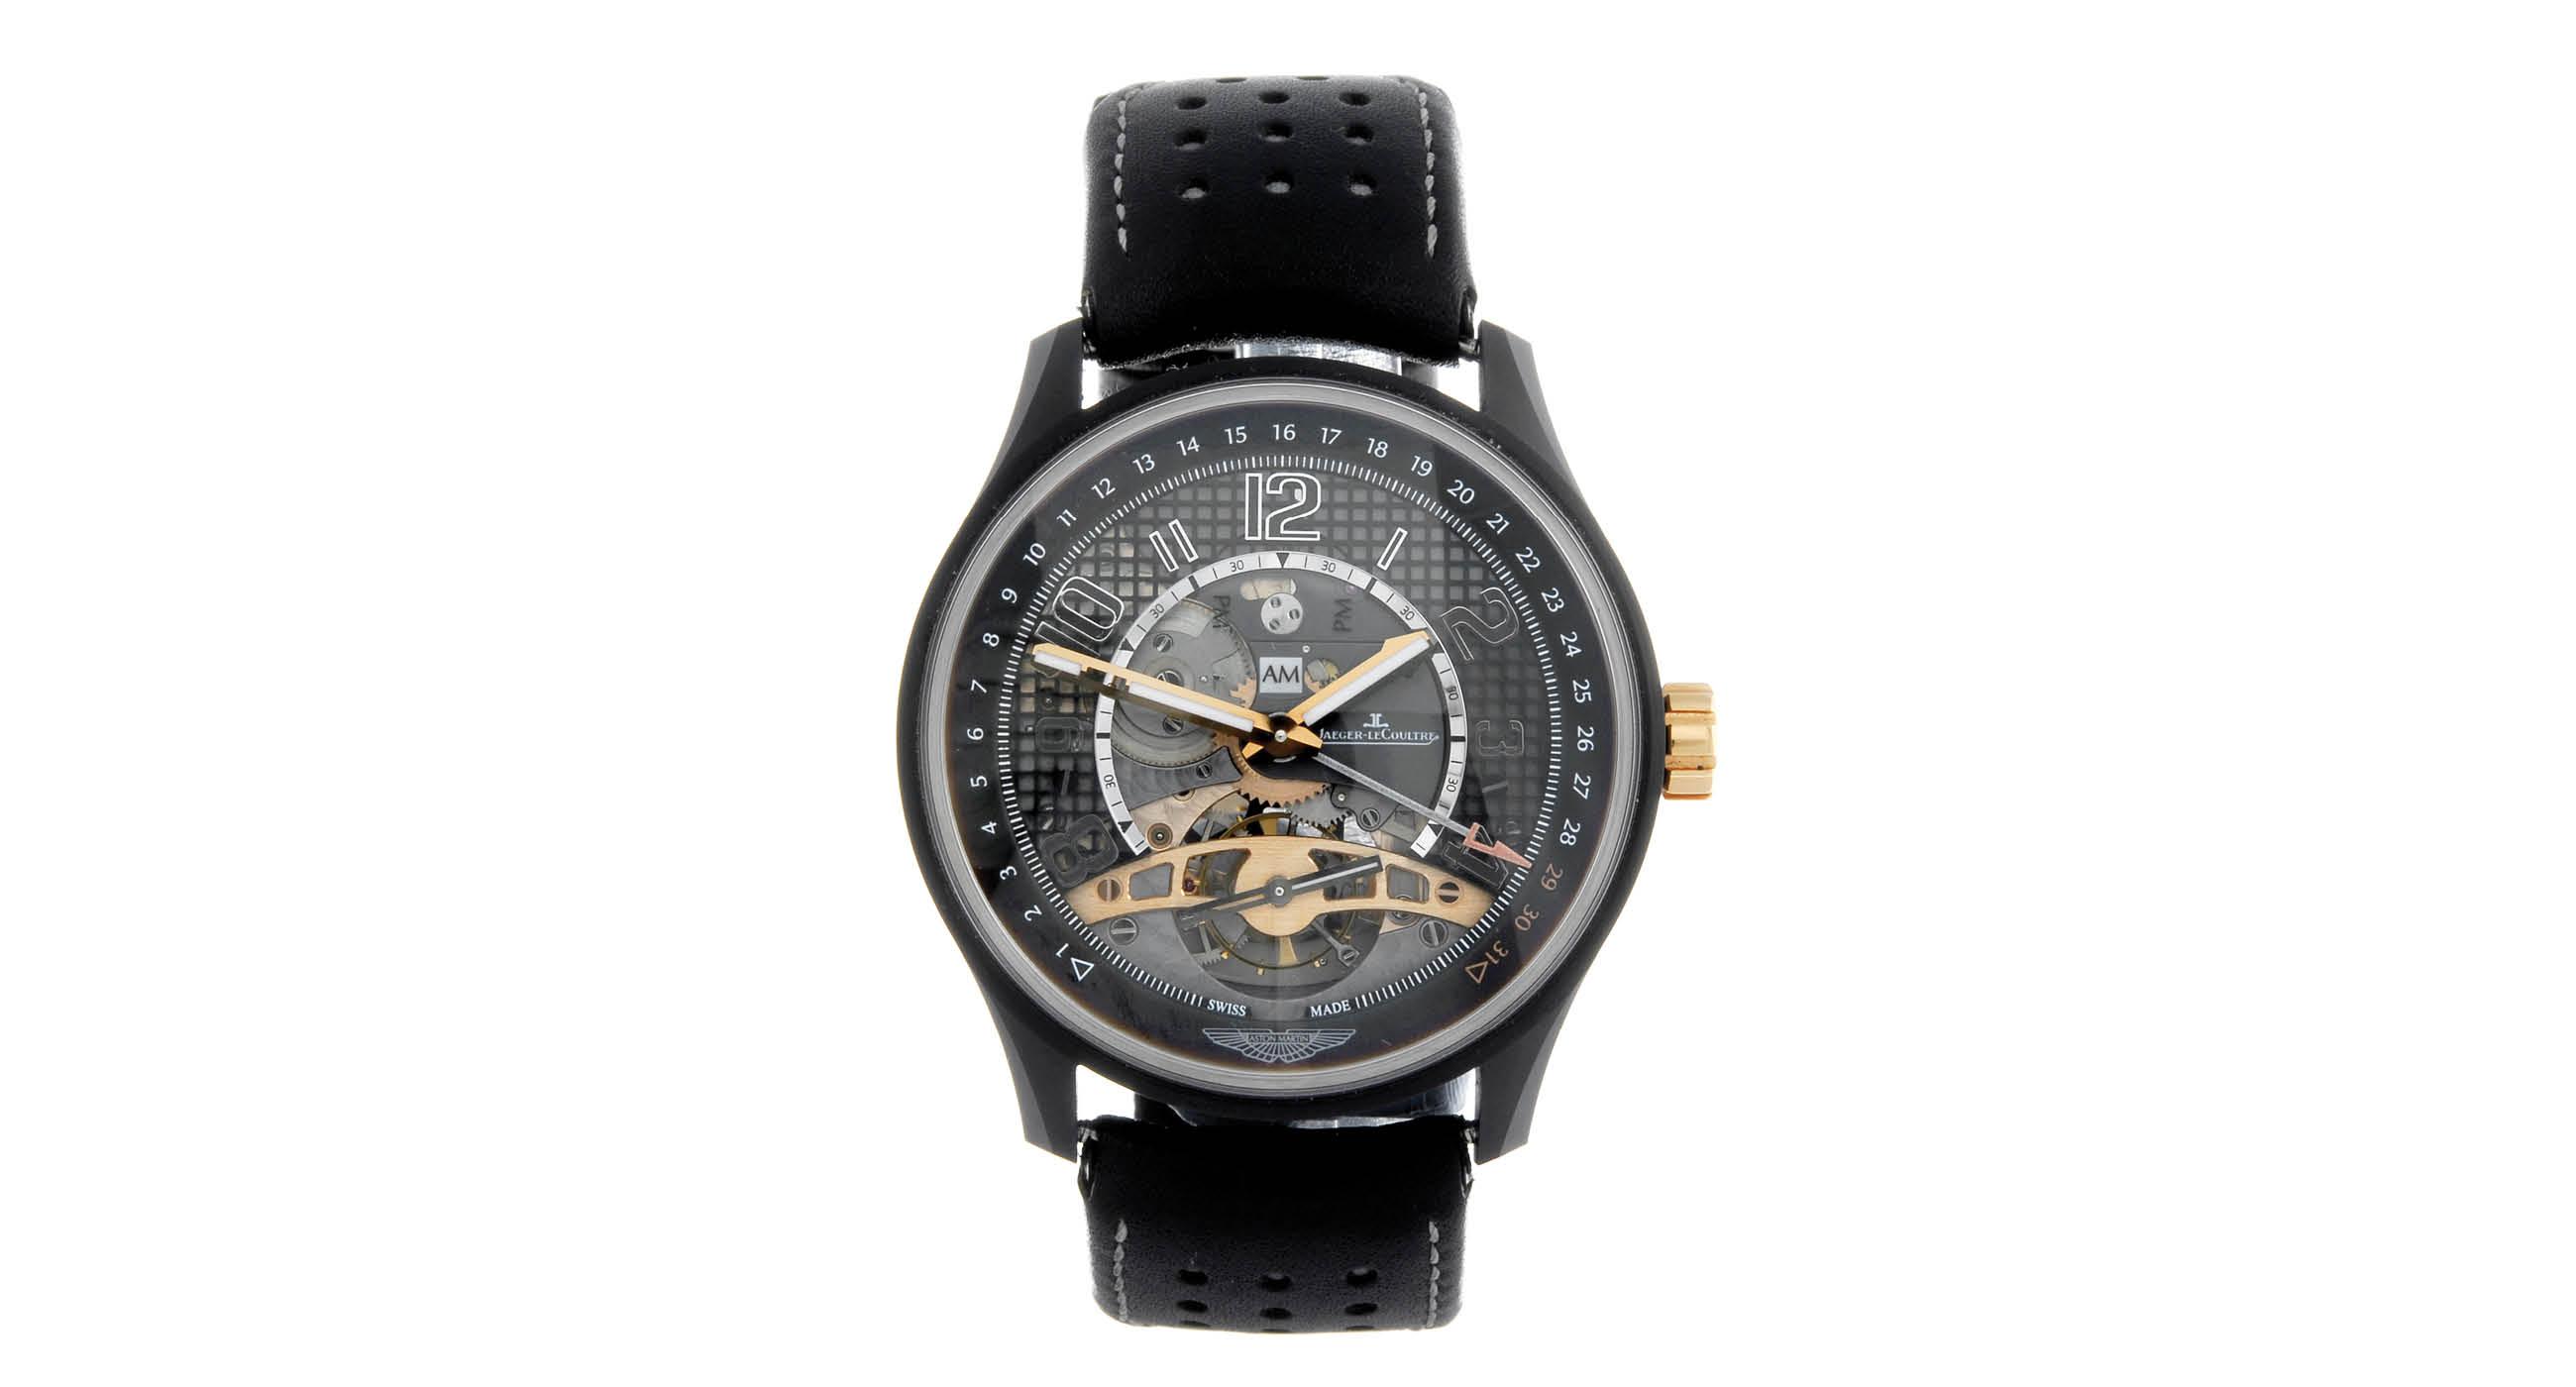 Swiss Jaeger-LeCoultre AMVOX3 Tourbillon GMT Replica Watch